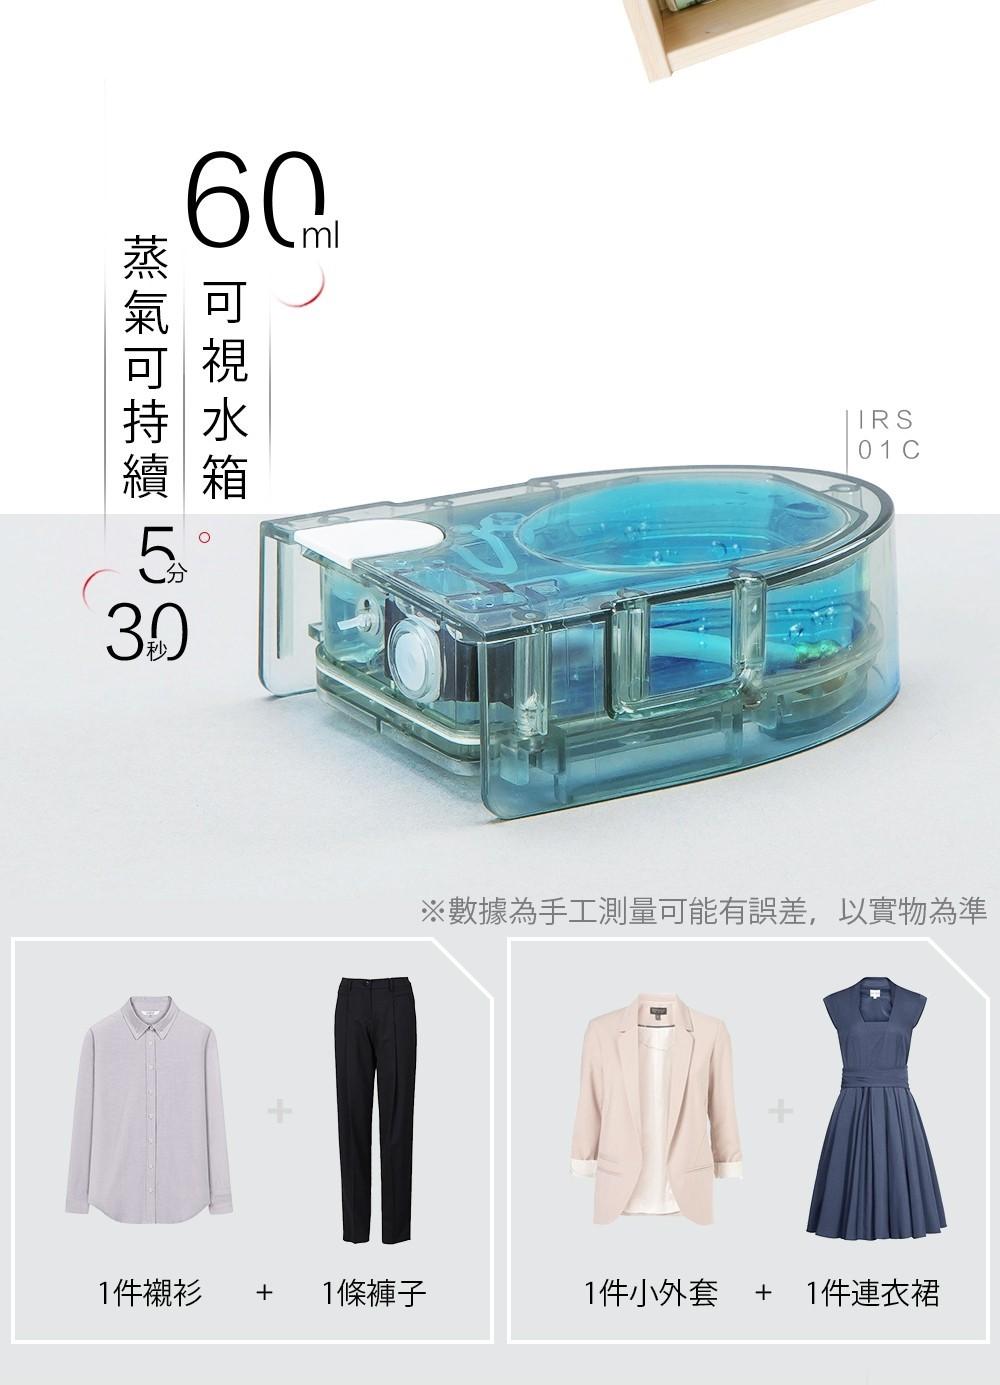 日本IRIS大蒸氣輕巧可掛燙小熨斗IRIS-01C 9